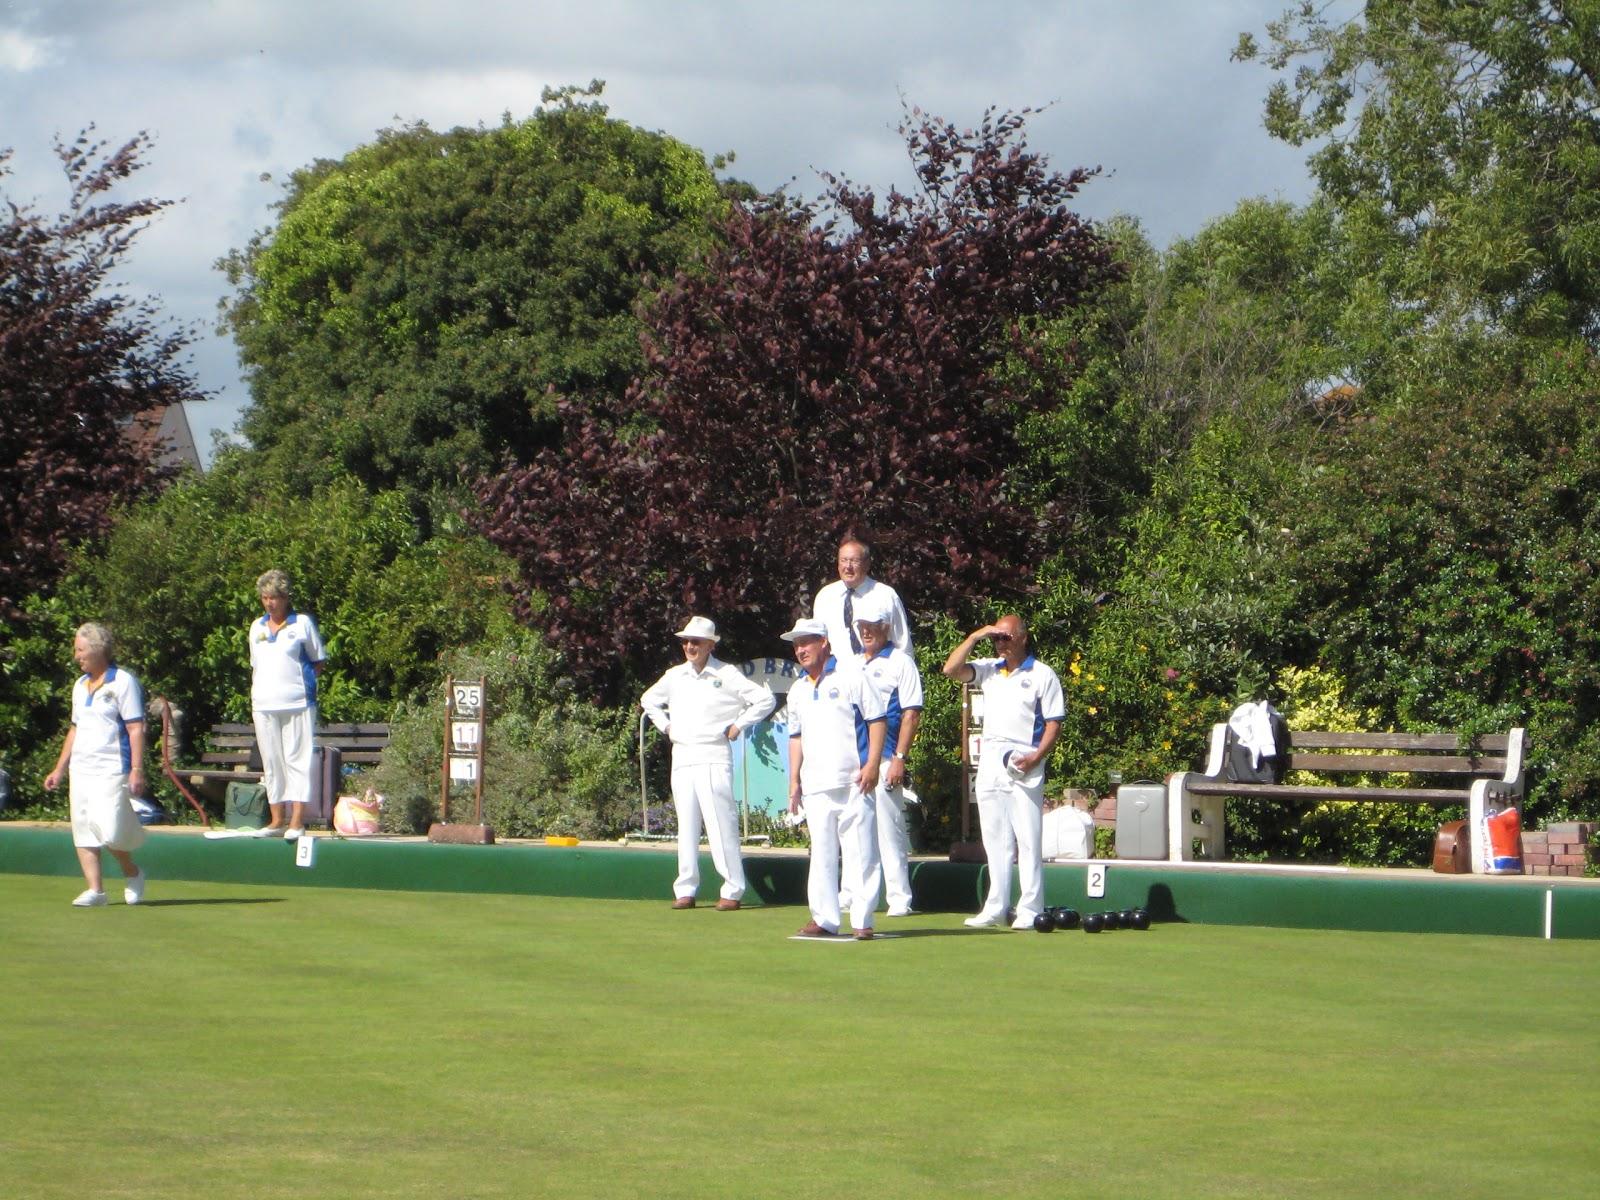 Iford Bridge Bowling Club